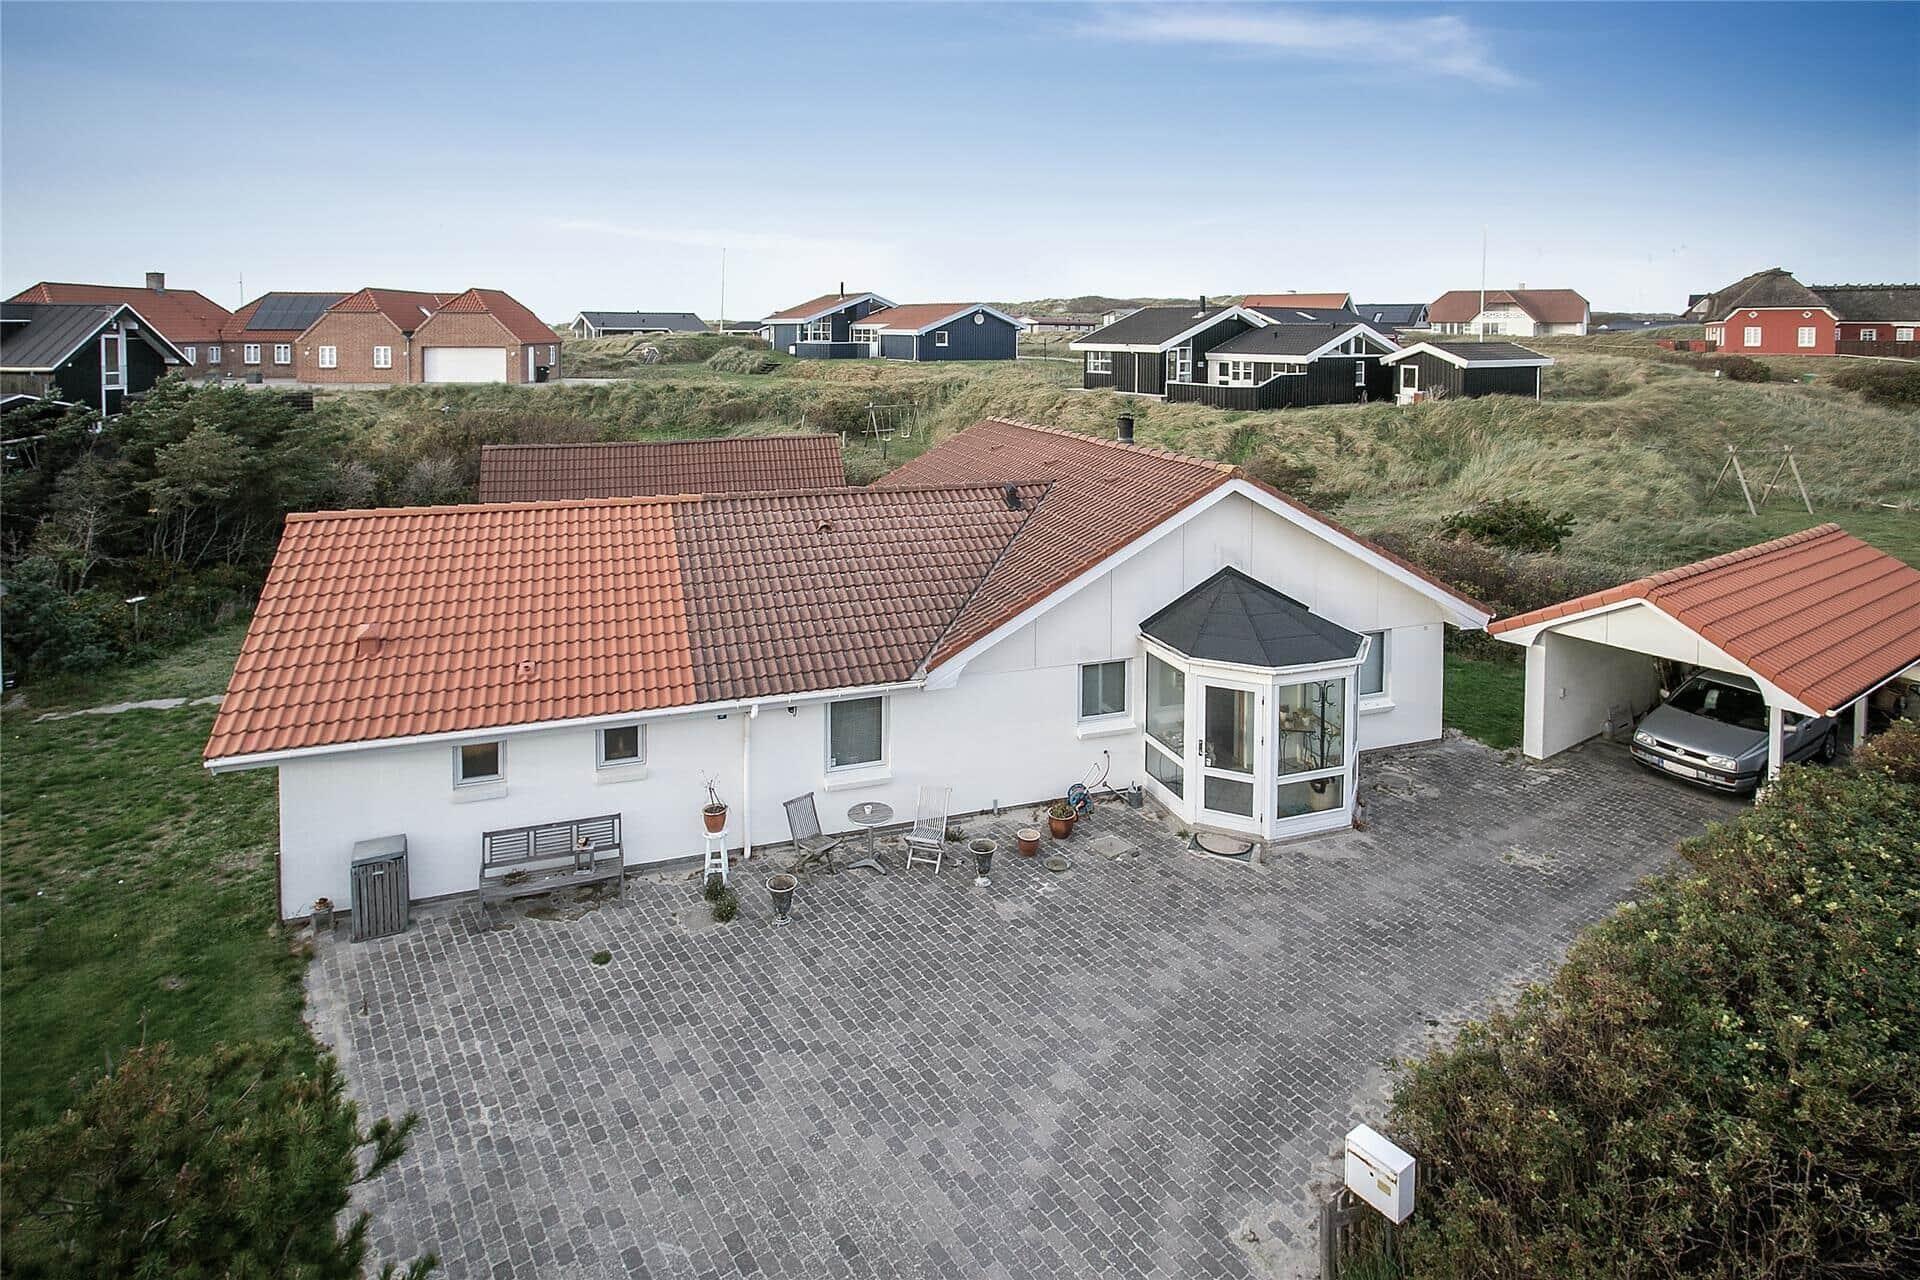 Billede 1-14 Sommerhus 1643, Klitvejen 5, DK - 9492 Blokhus